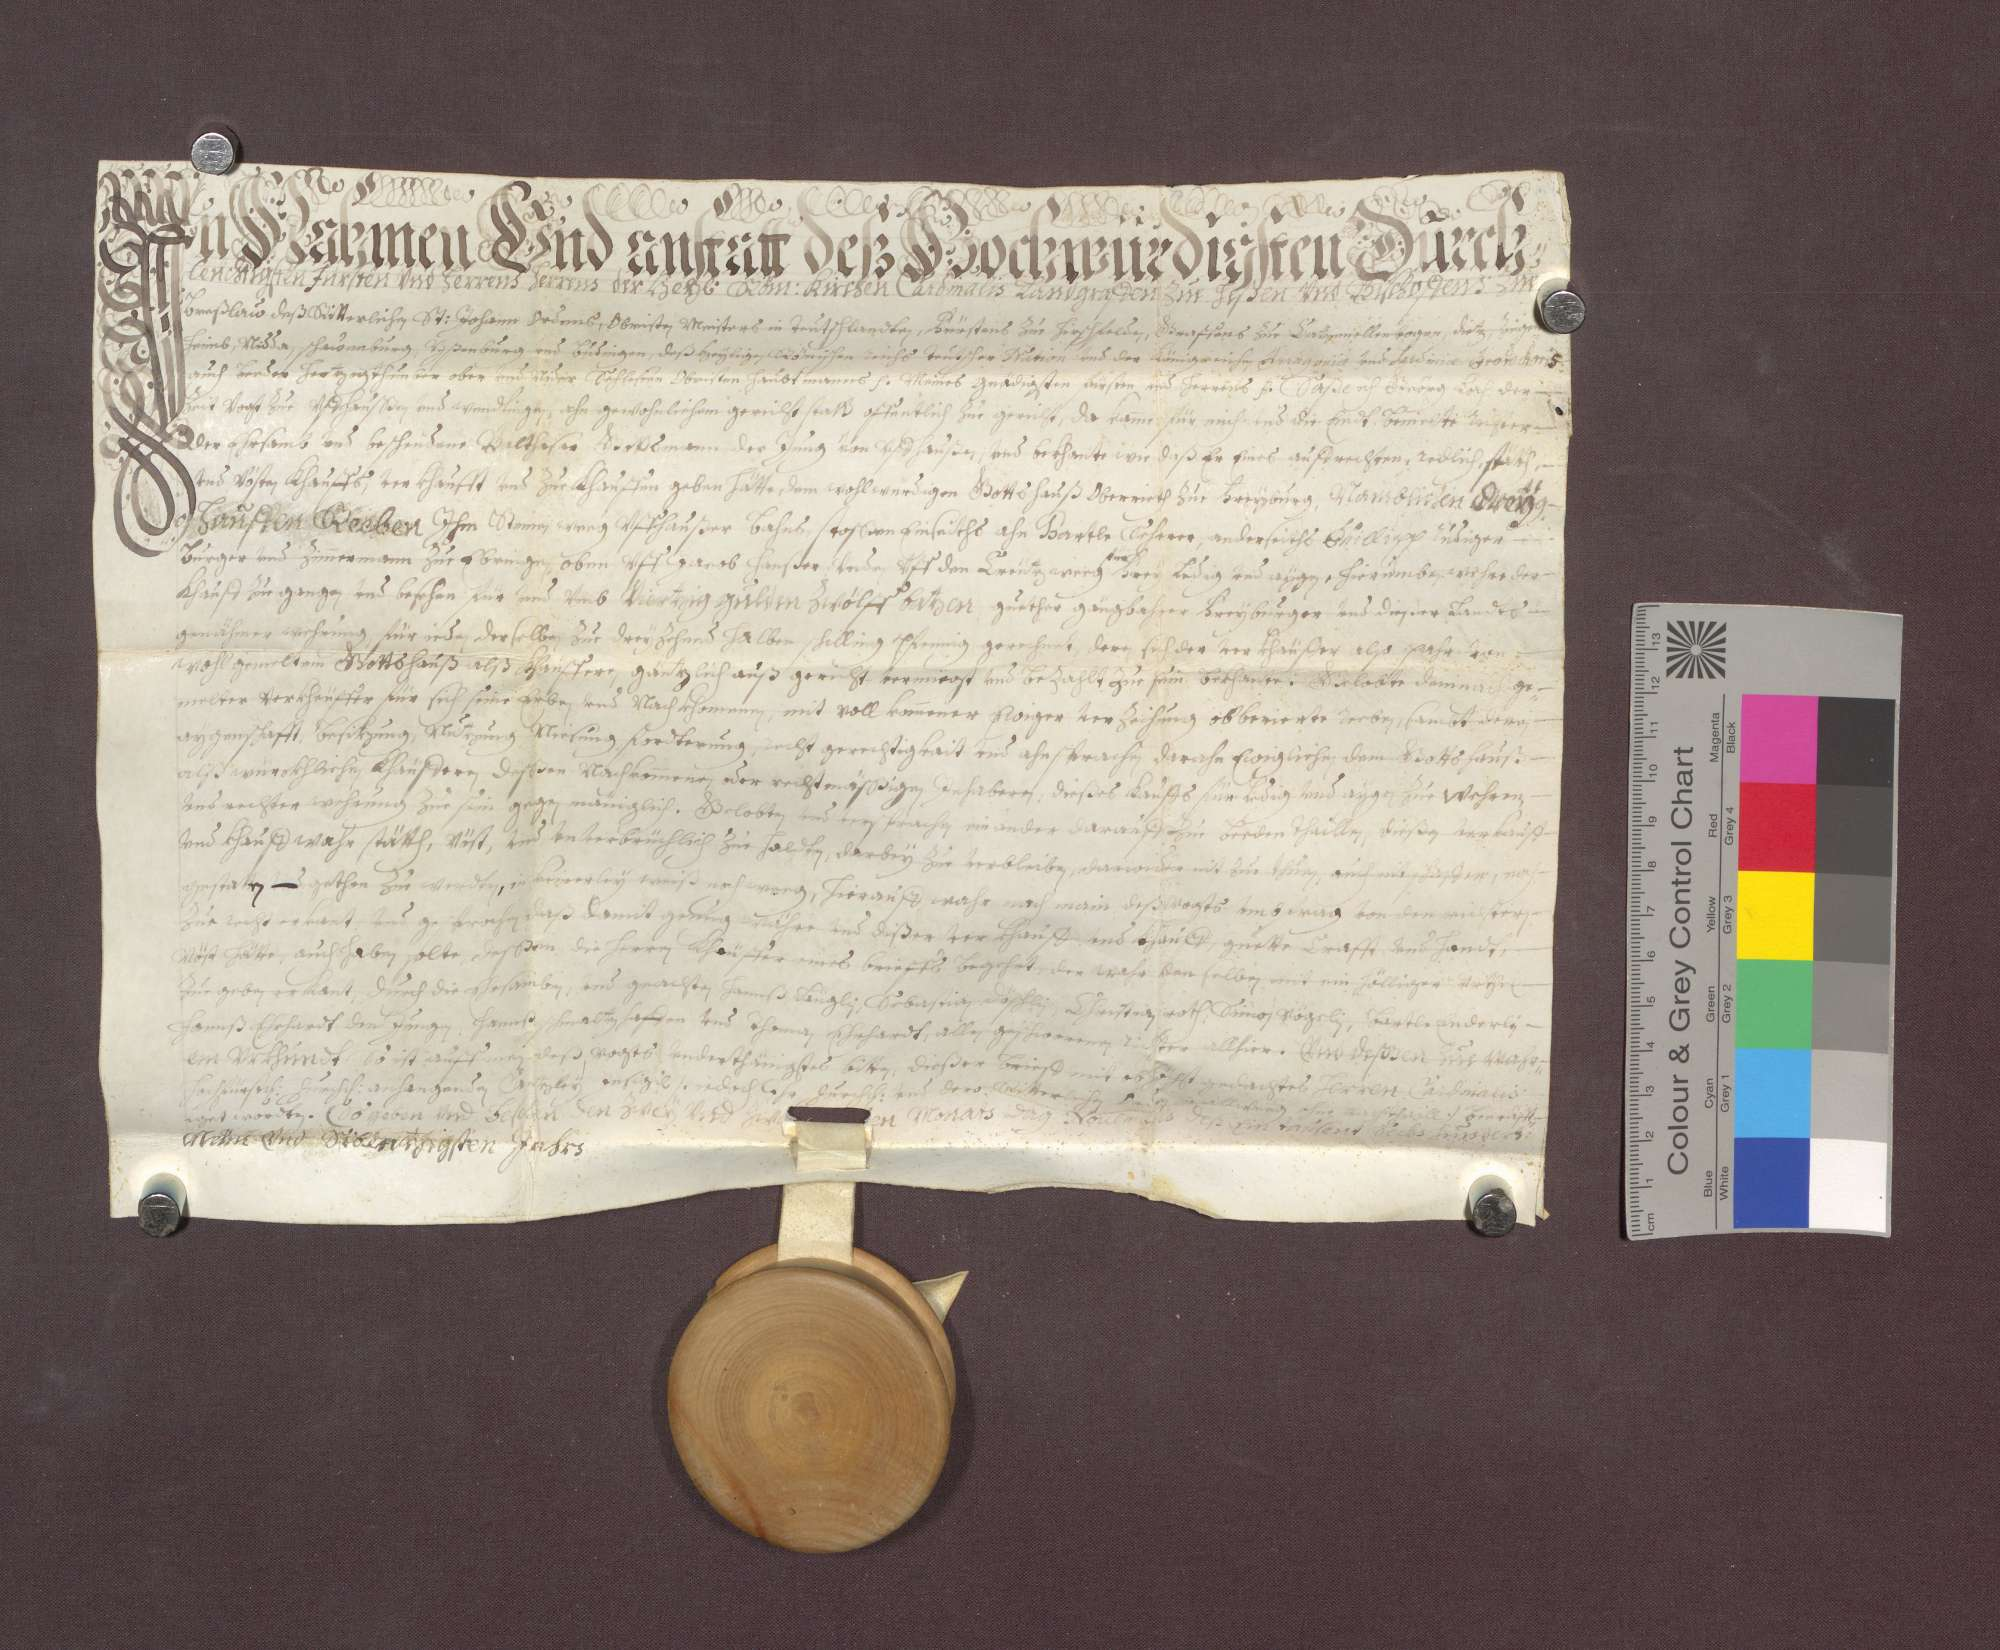 Balthasar Gottsmann verkauft den Wilhelmiten zu Freiburg 3 Haufen Reben im Steinernen Weg zu Uffhausen um 40 Gulden 12 Batzen., Bild 1